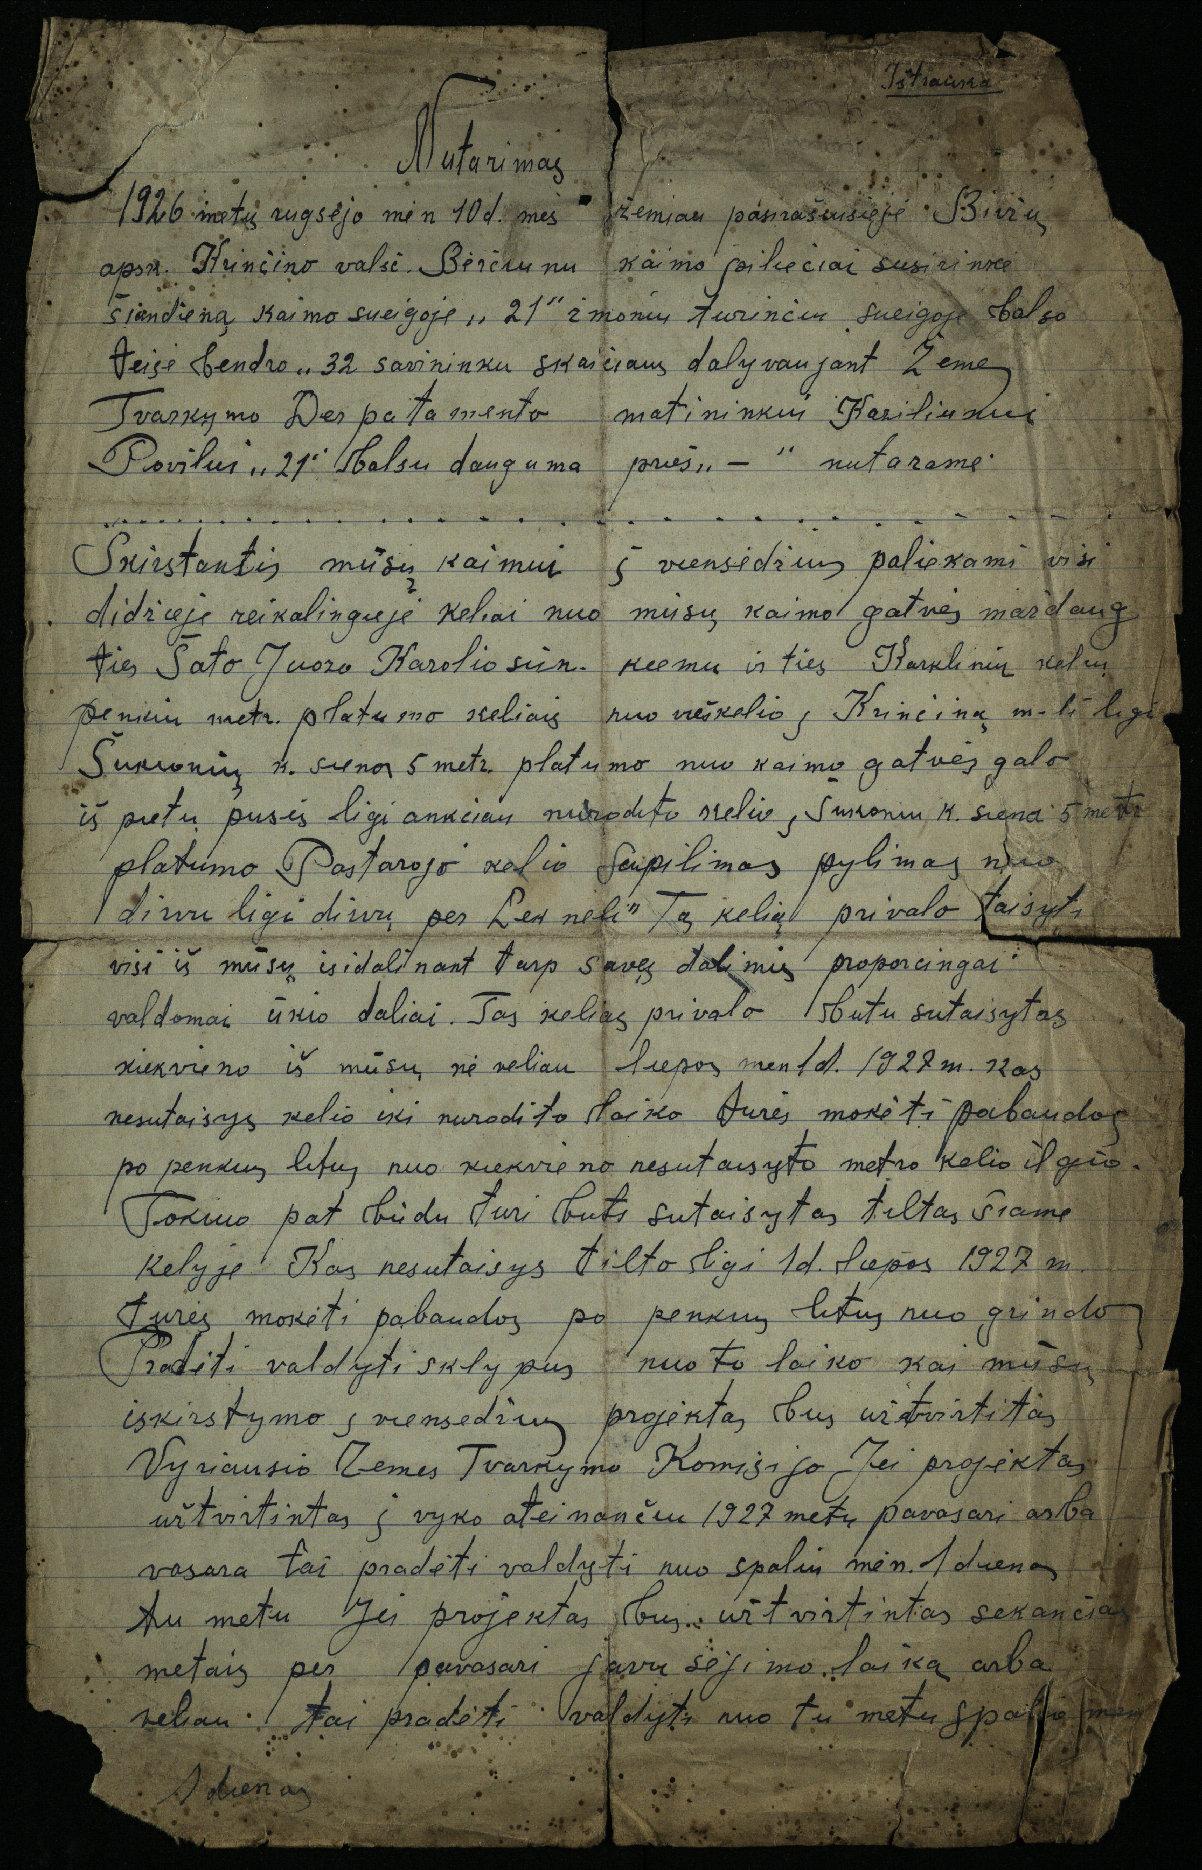 Biržų apskrities Krinčino valsčiaus Berčiūnų kaimo piliečių nutarimas, 1926 m.